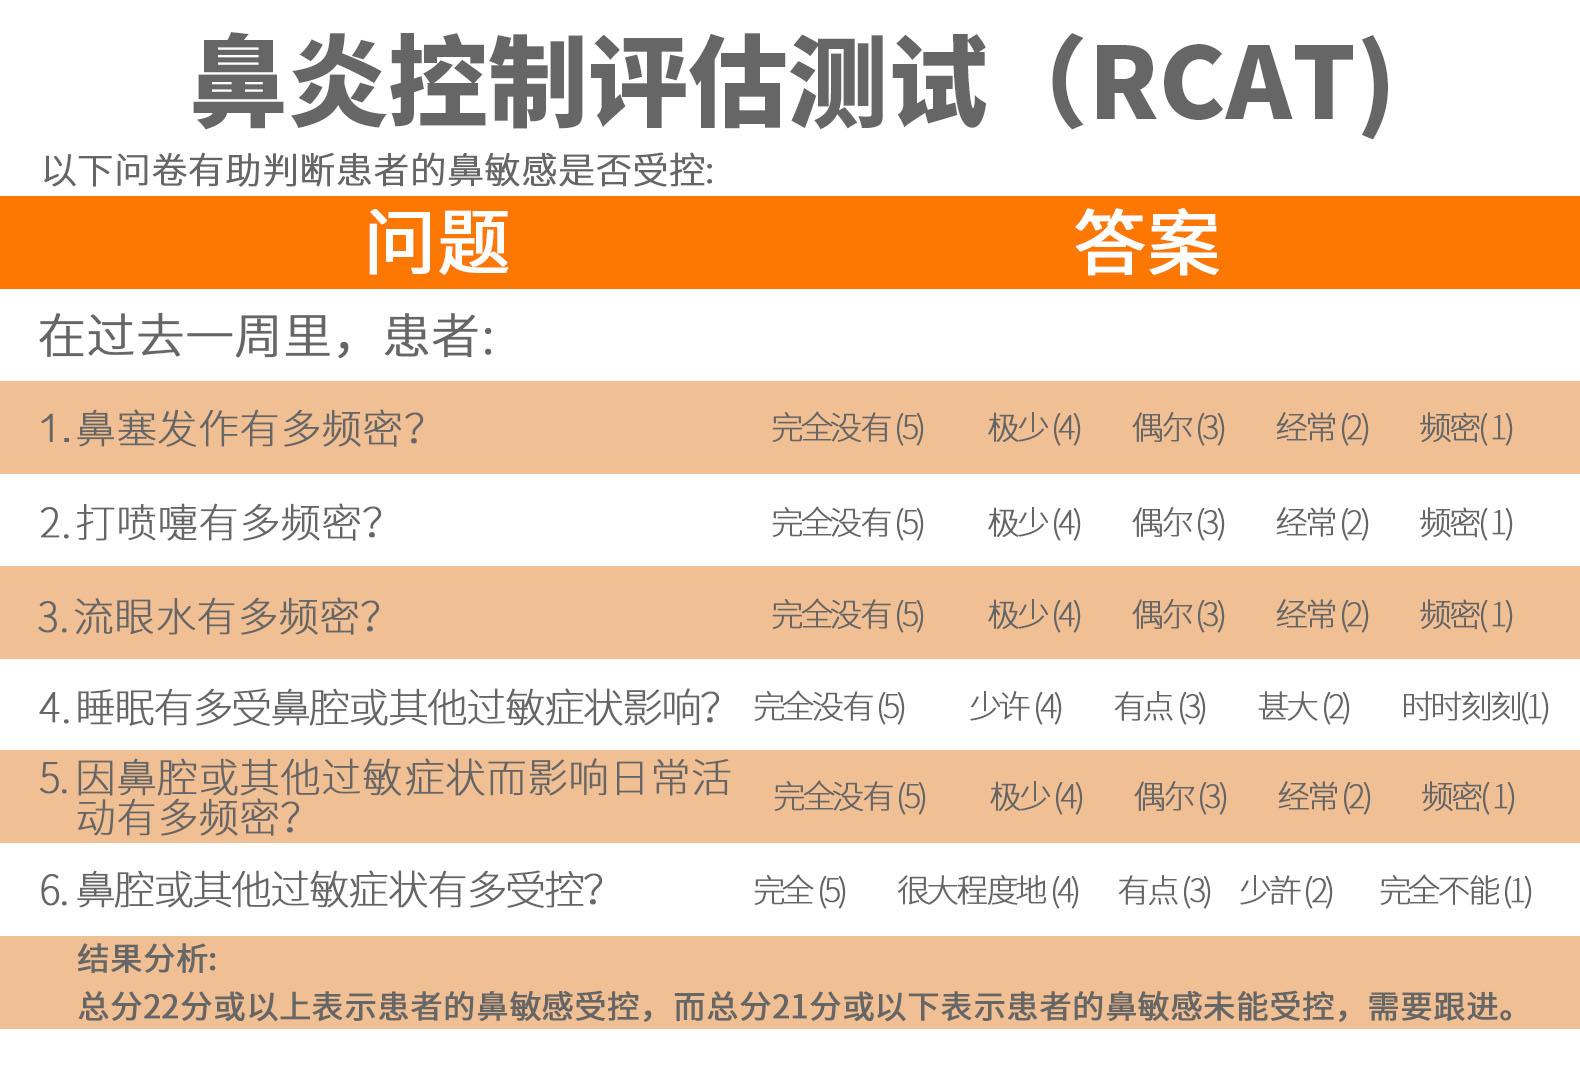 鼻炎控制评估测试 (RCAT)